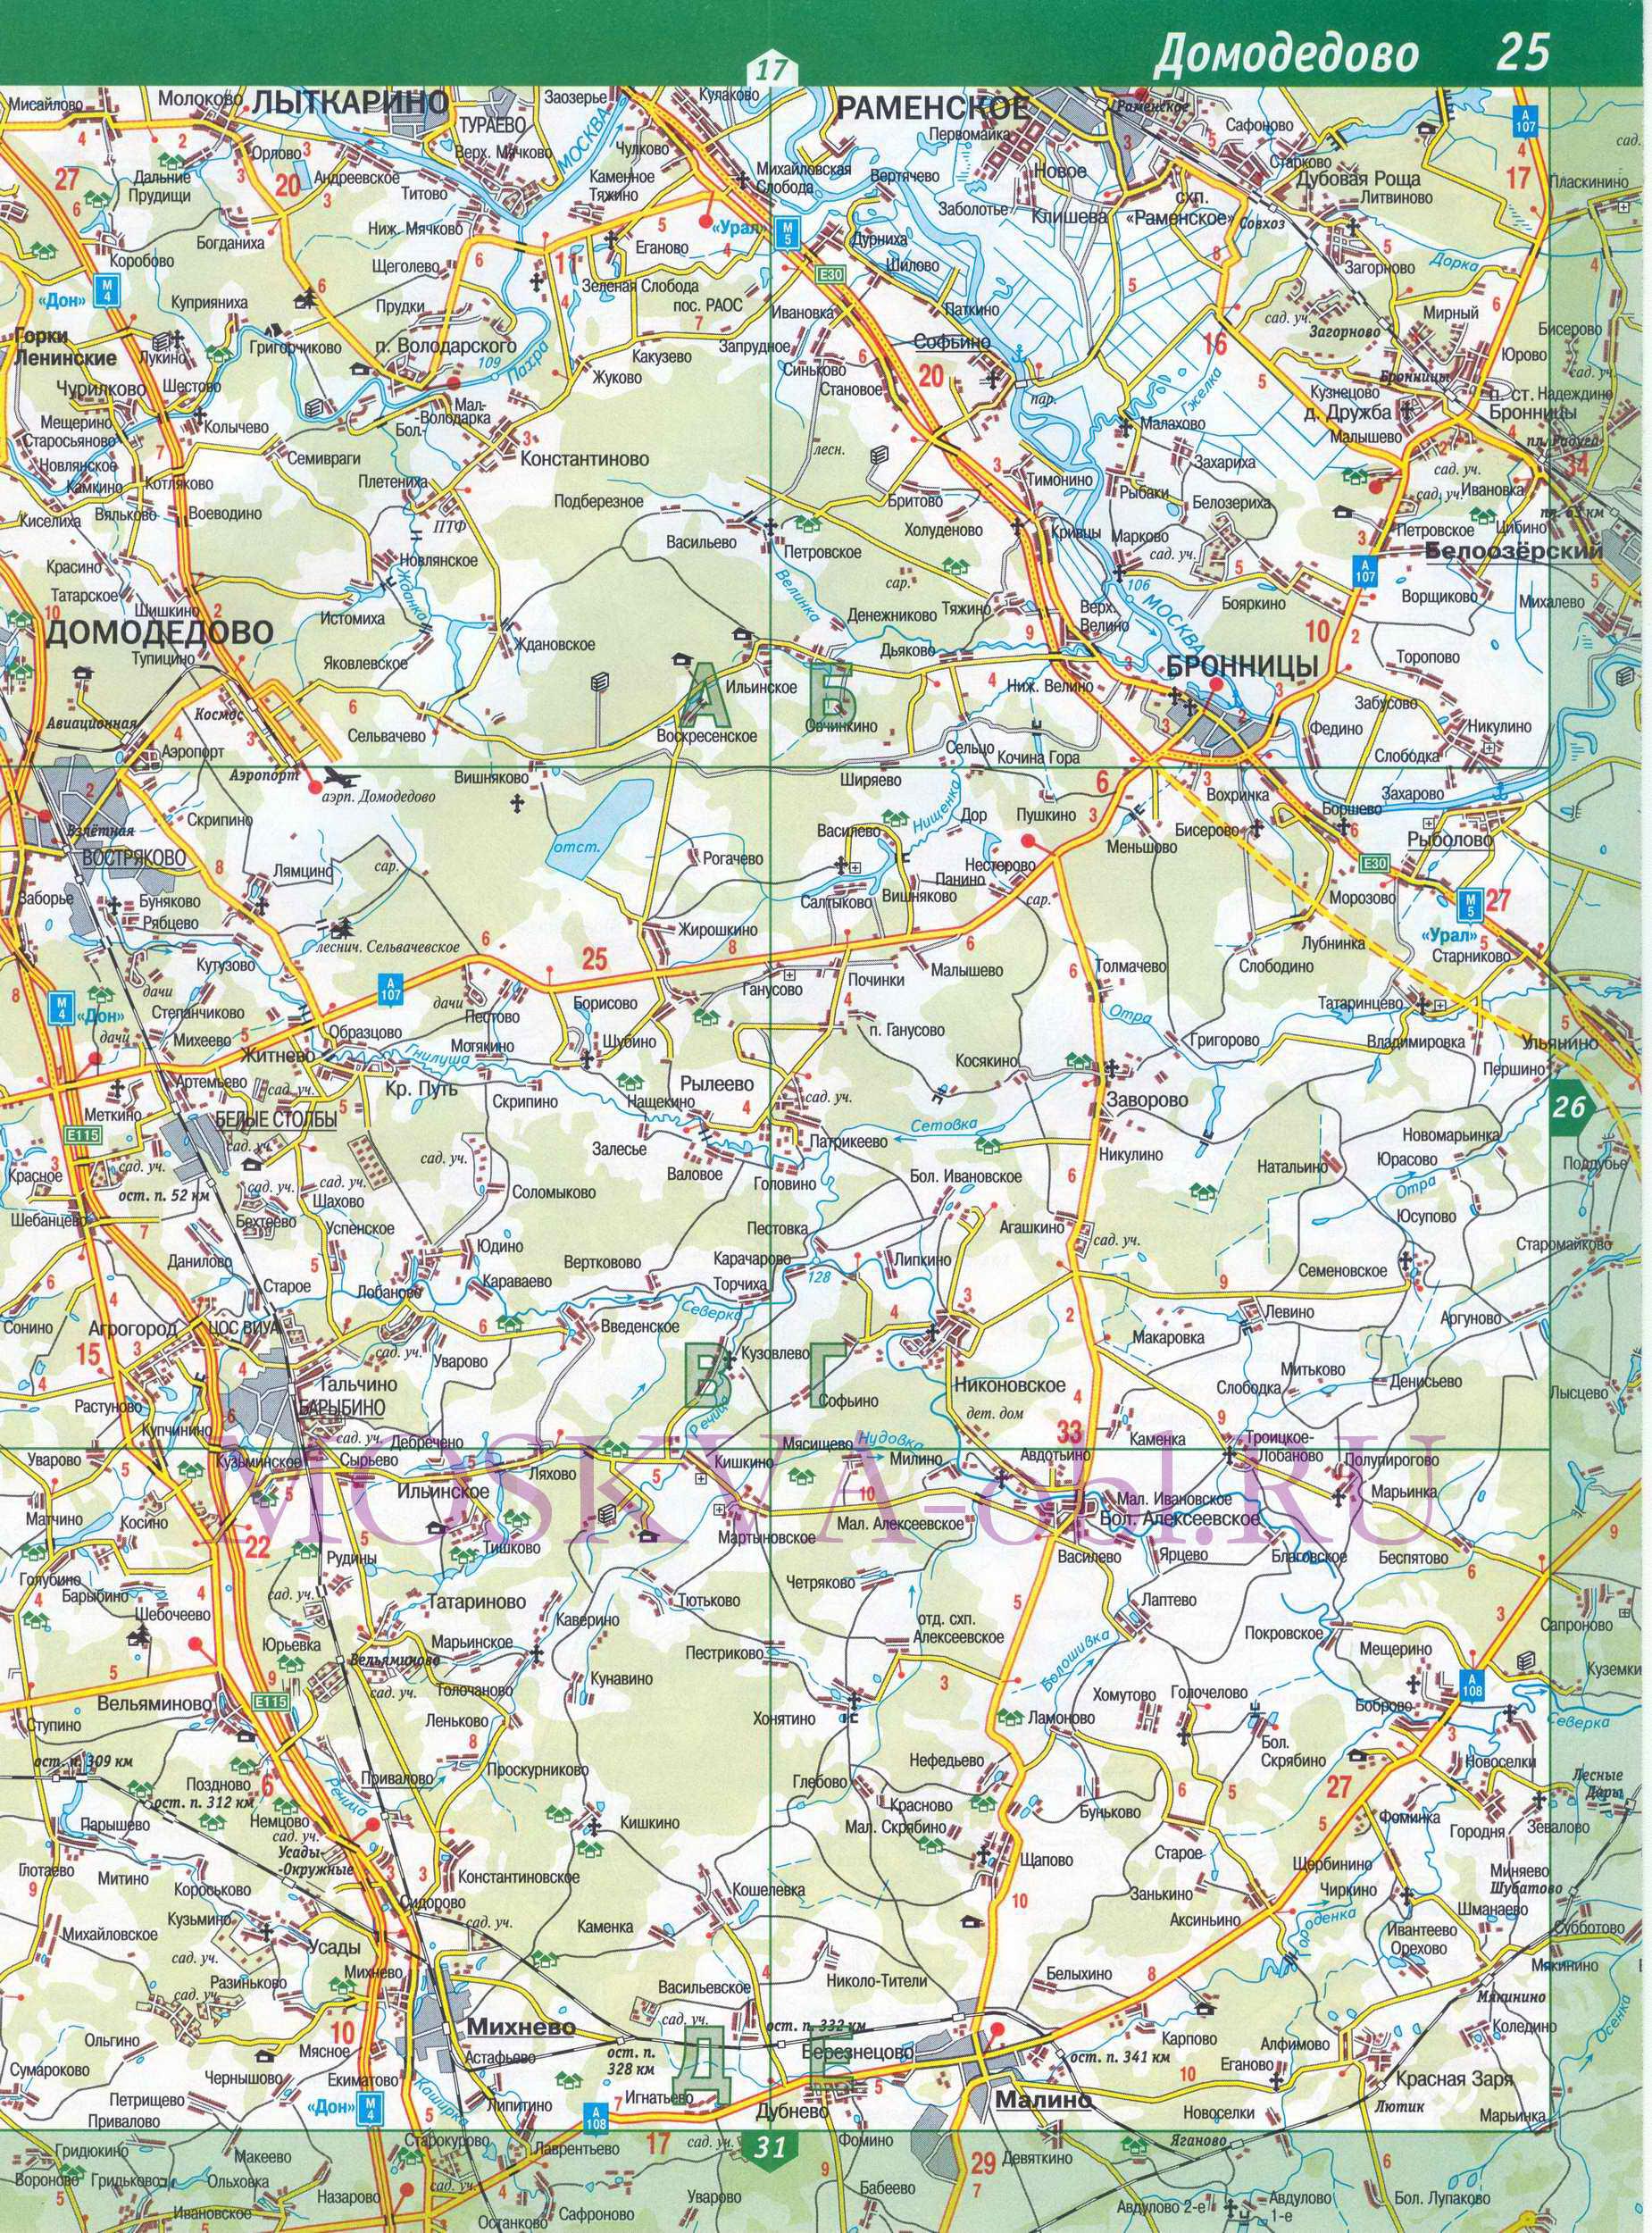 Подробная карта дорог московской